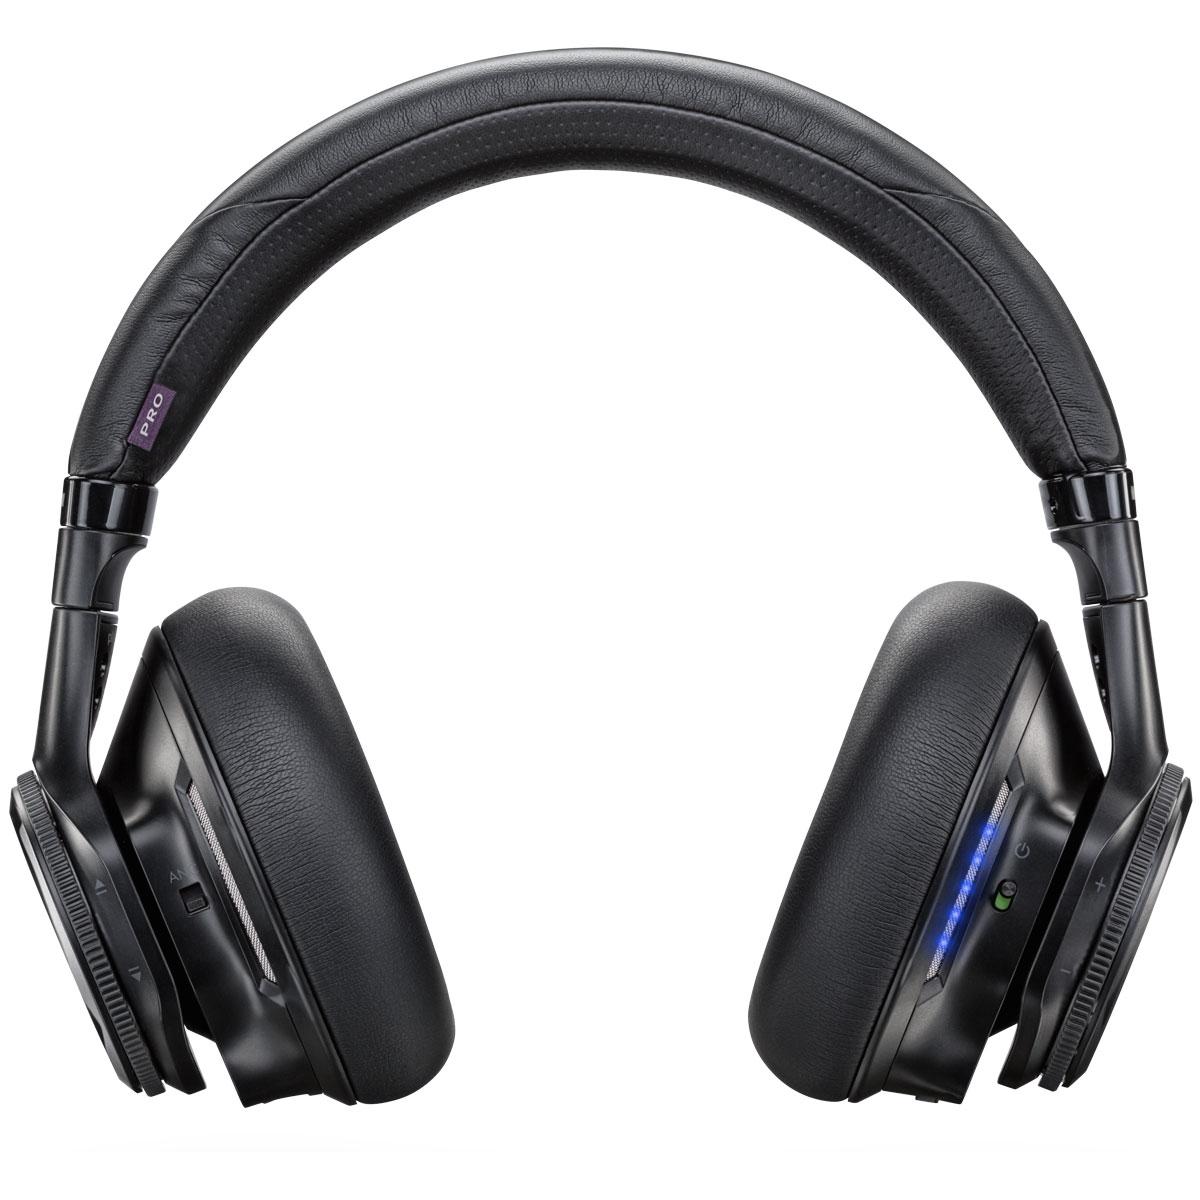 Casque Plantronics BackBeat Pro Casque supra-auriculaire fermé Bluetooth avec microphone intégré